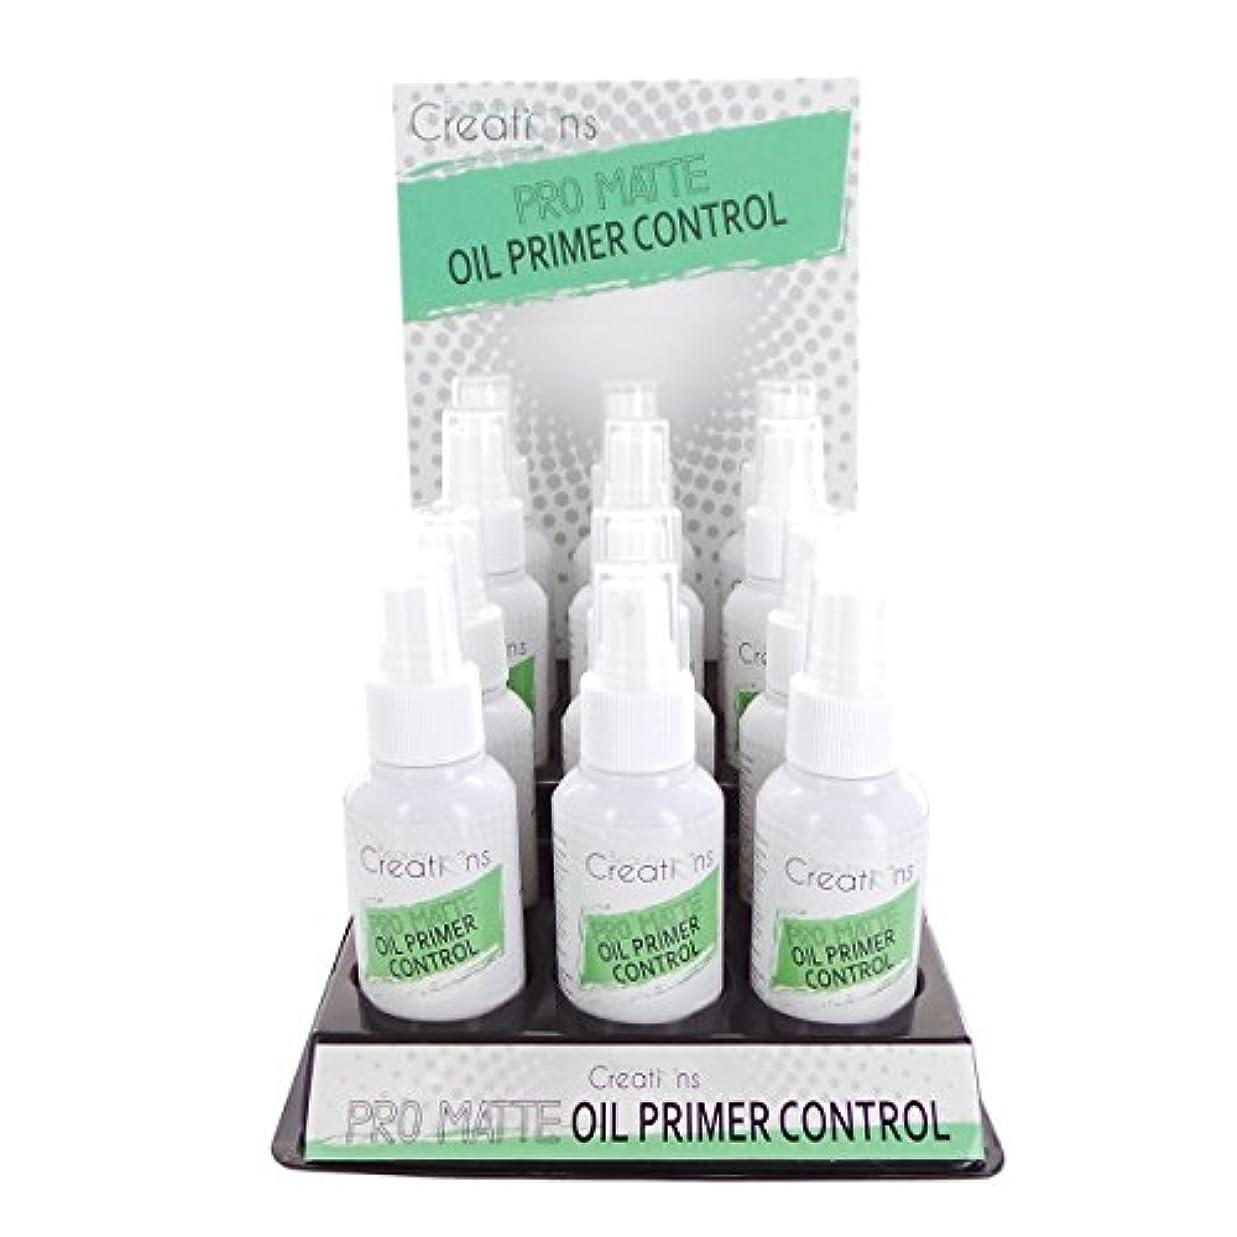 ぜいたく警報美徳BEAUTY CREATIONS Pro Matte Oil Primer Control Spray Display Set, 12 Pieces (並行輸入品)